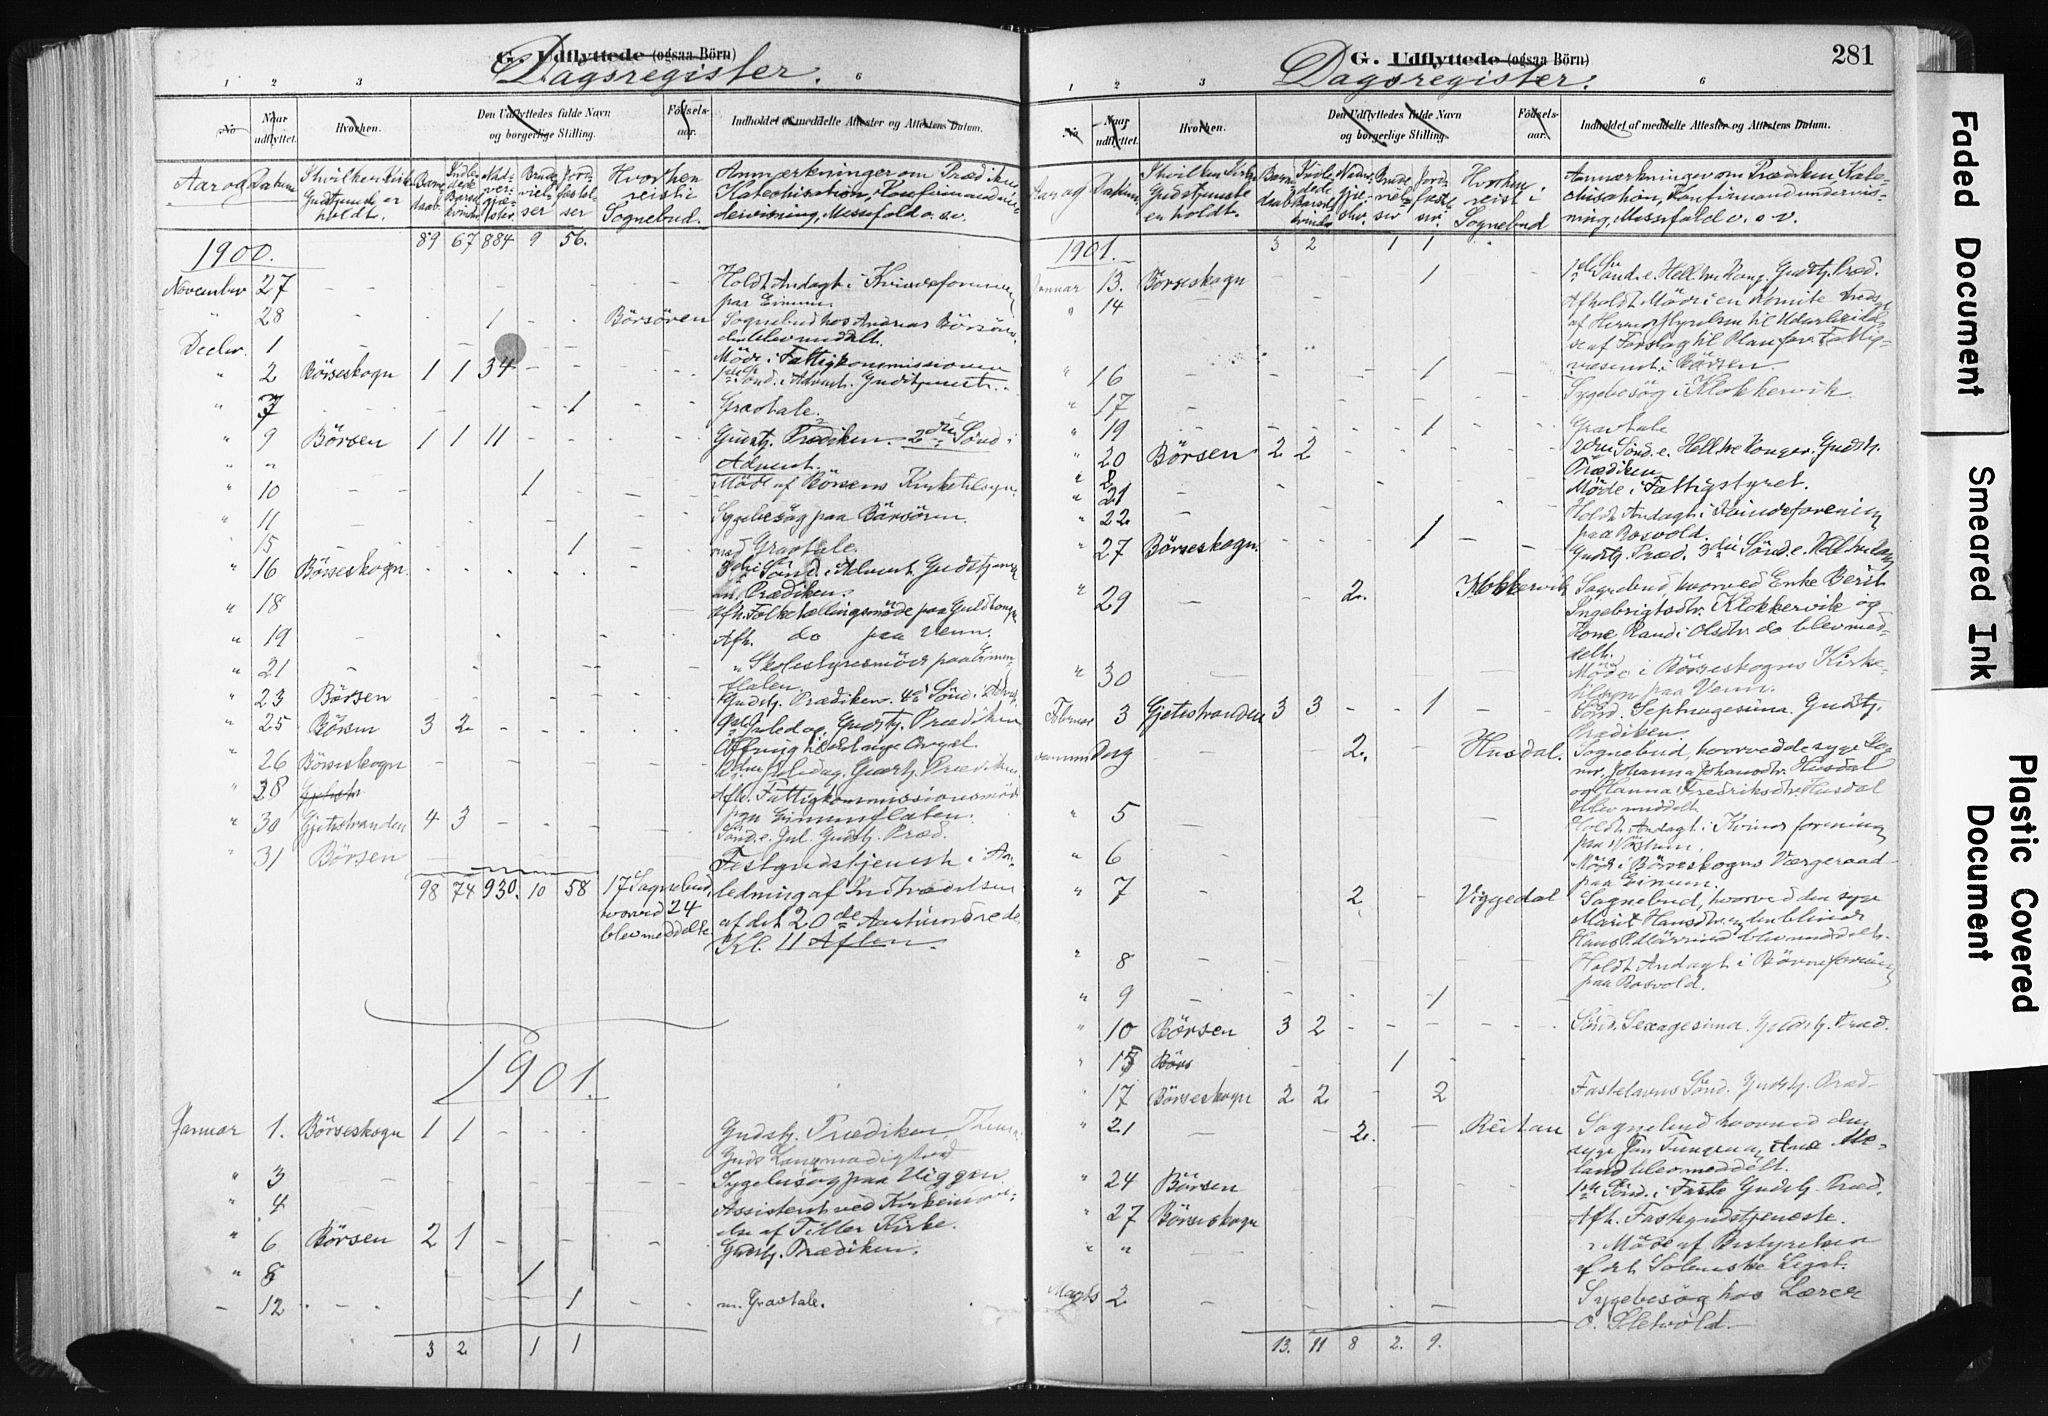 SAT, Ministerialprotokoller, klokkerbøker og fødselsregistre - Sør-Trøndelag, 665/L0773: Ministerialbok nr. 665A08, 1879-1905, s. 281